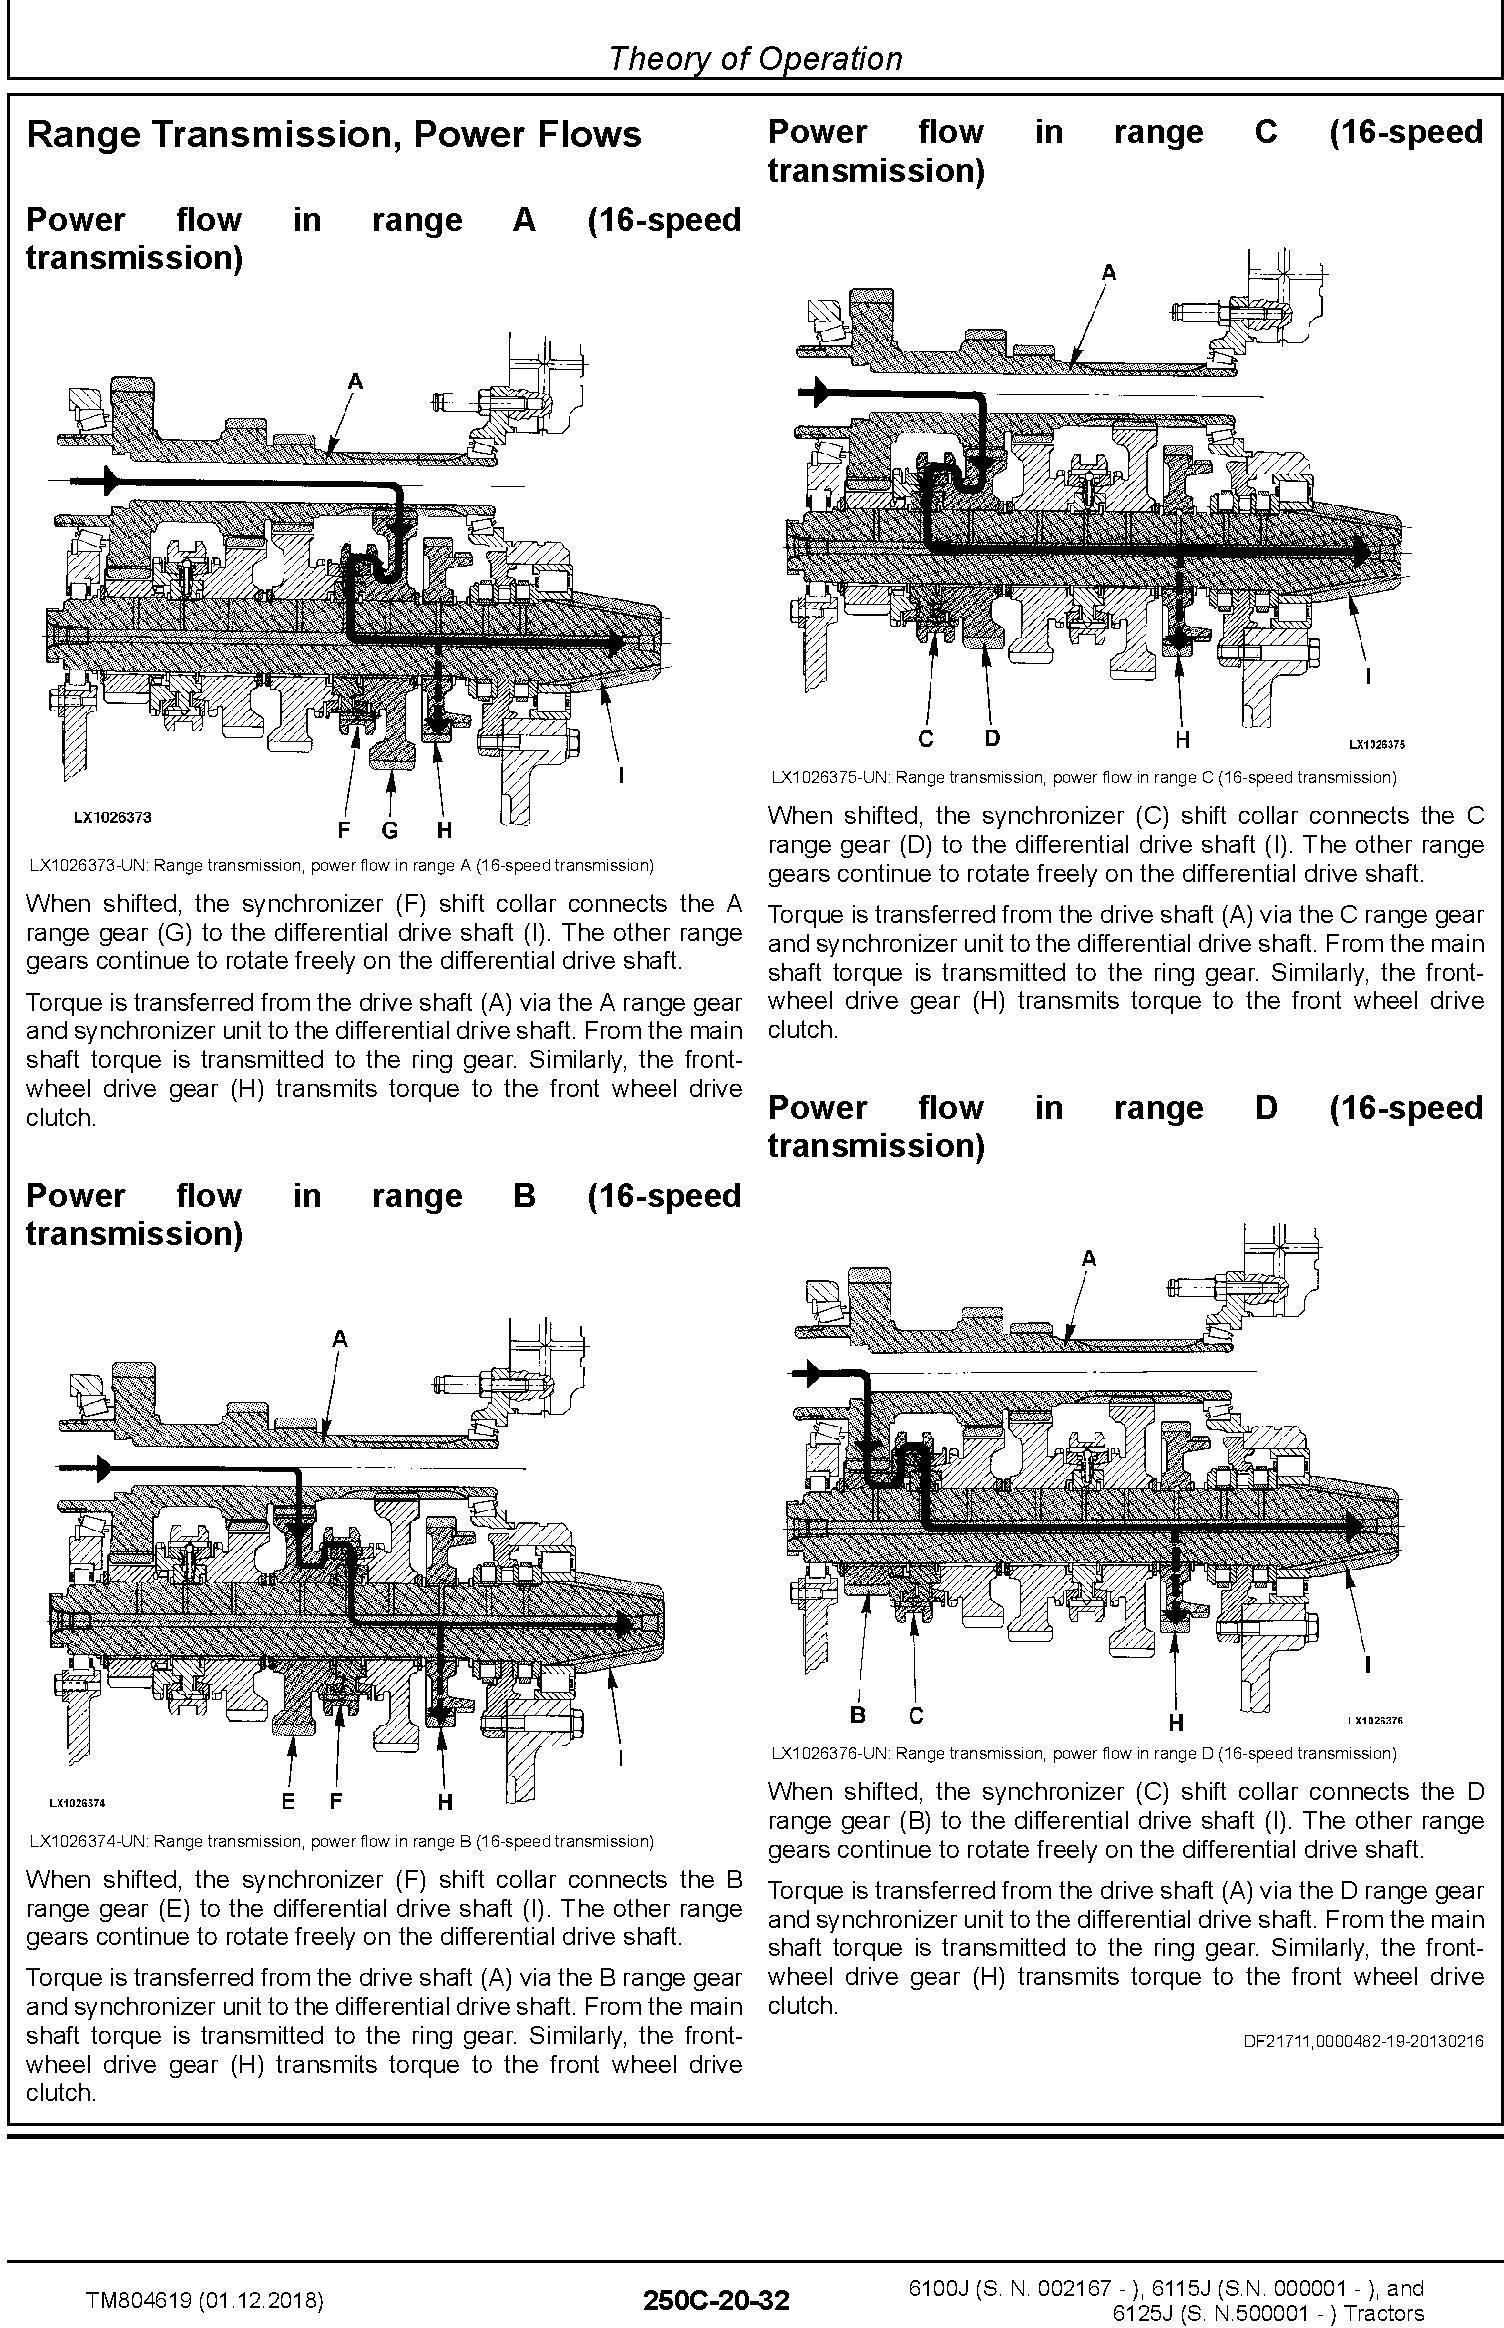 John Deere 6100J, 6115J, 6125J Tractors Diagnostic Technical Service Manual (TM804619) - 3